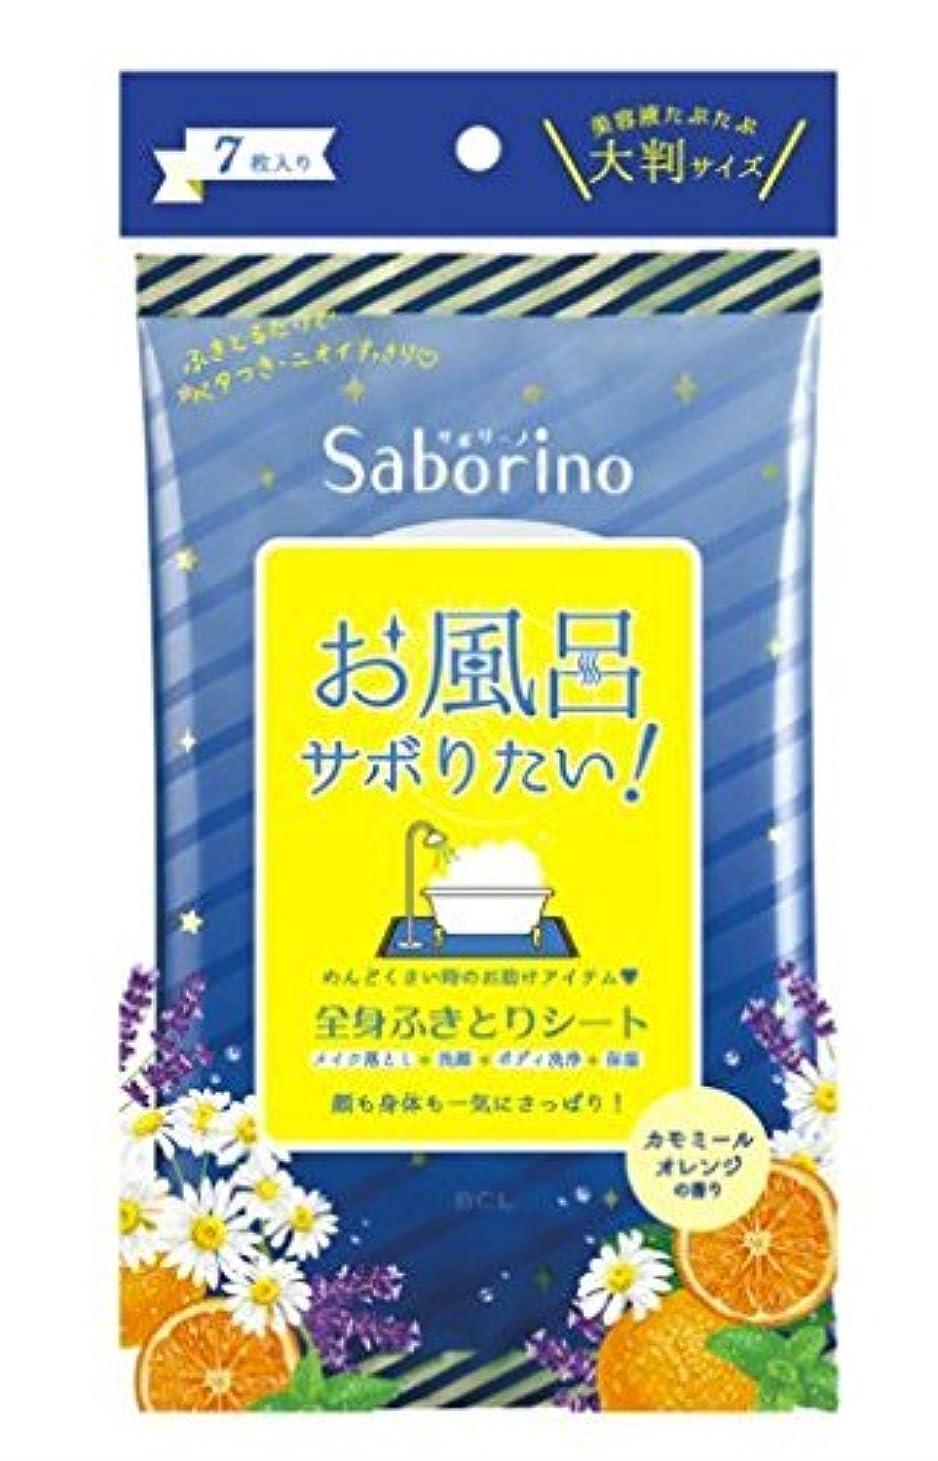 何よりも女王粘り強いBCL(ビーシーエル) サボリーノ さっぱり落とシート [ふきとりクレンジング?洗浄料?化粧水] 7枚入